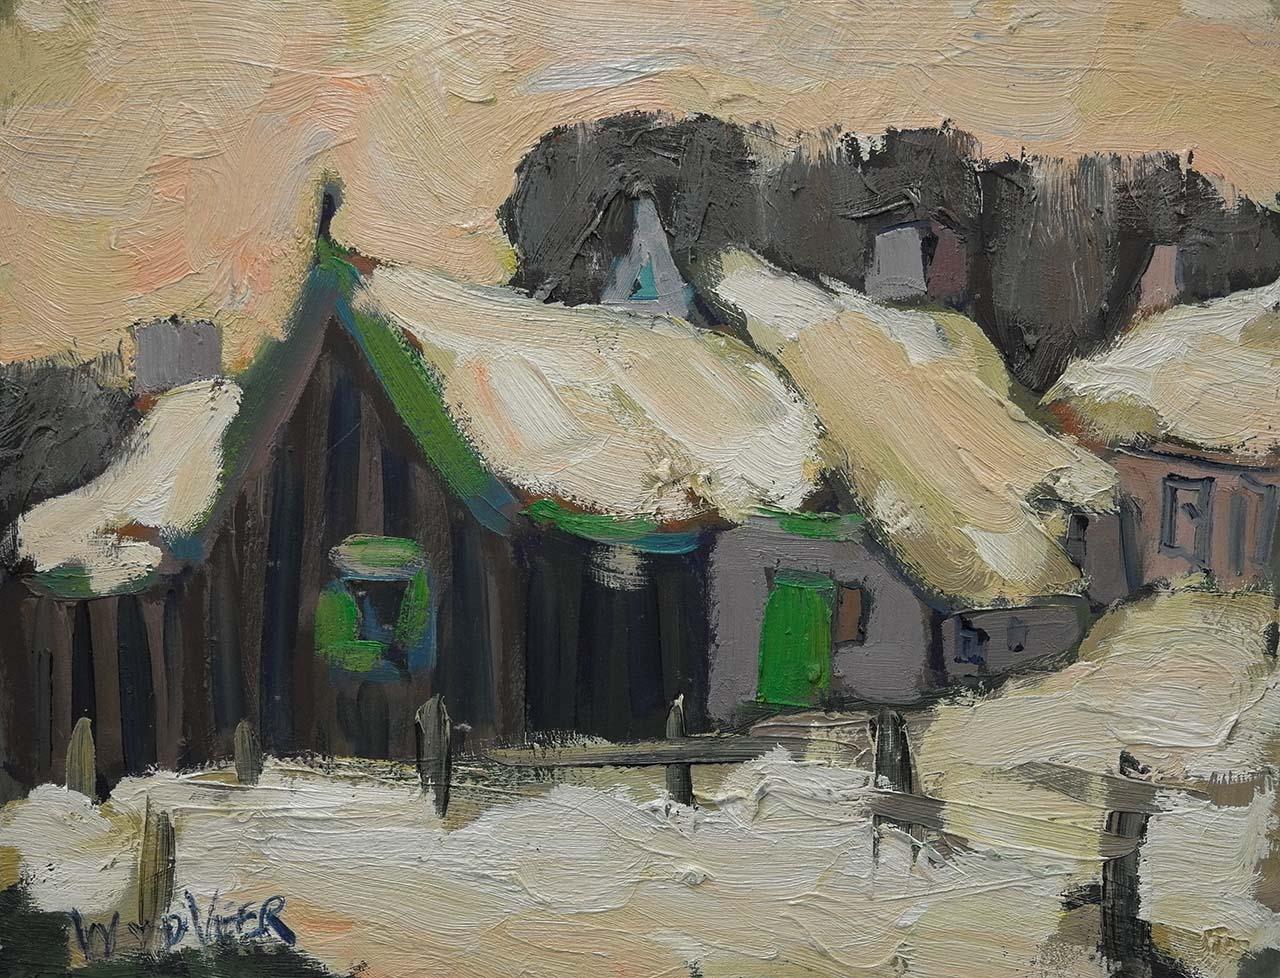 Wim van der Veer - Dorpje in de sneeuw